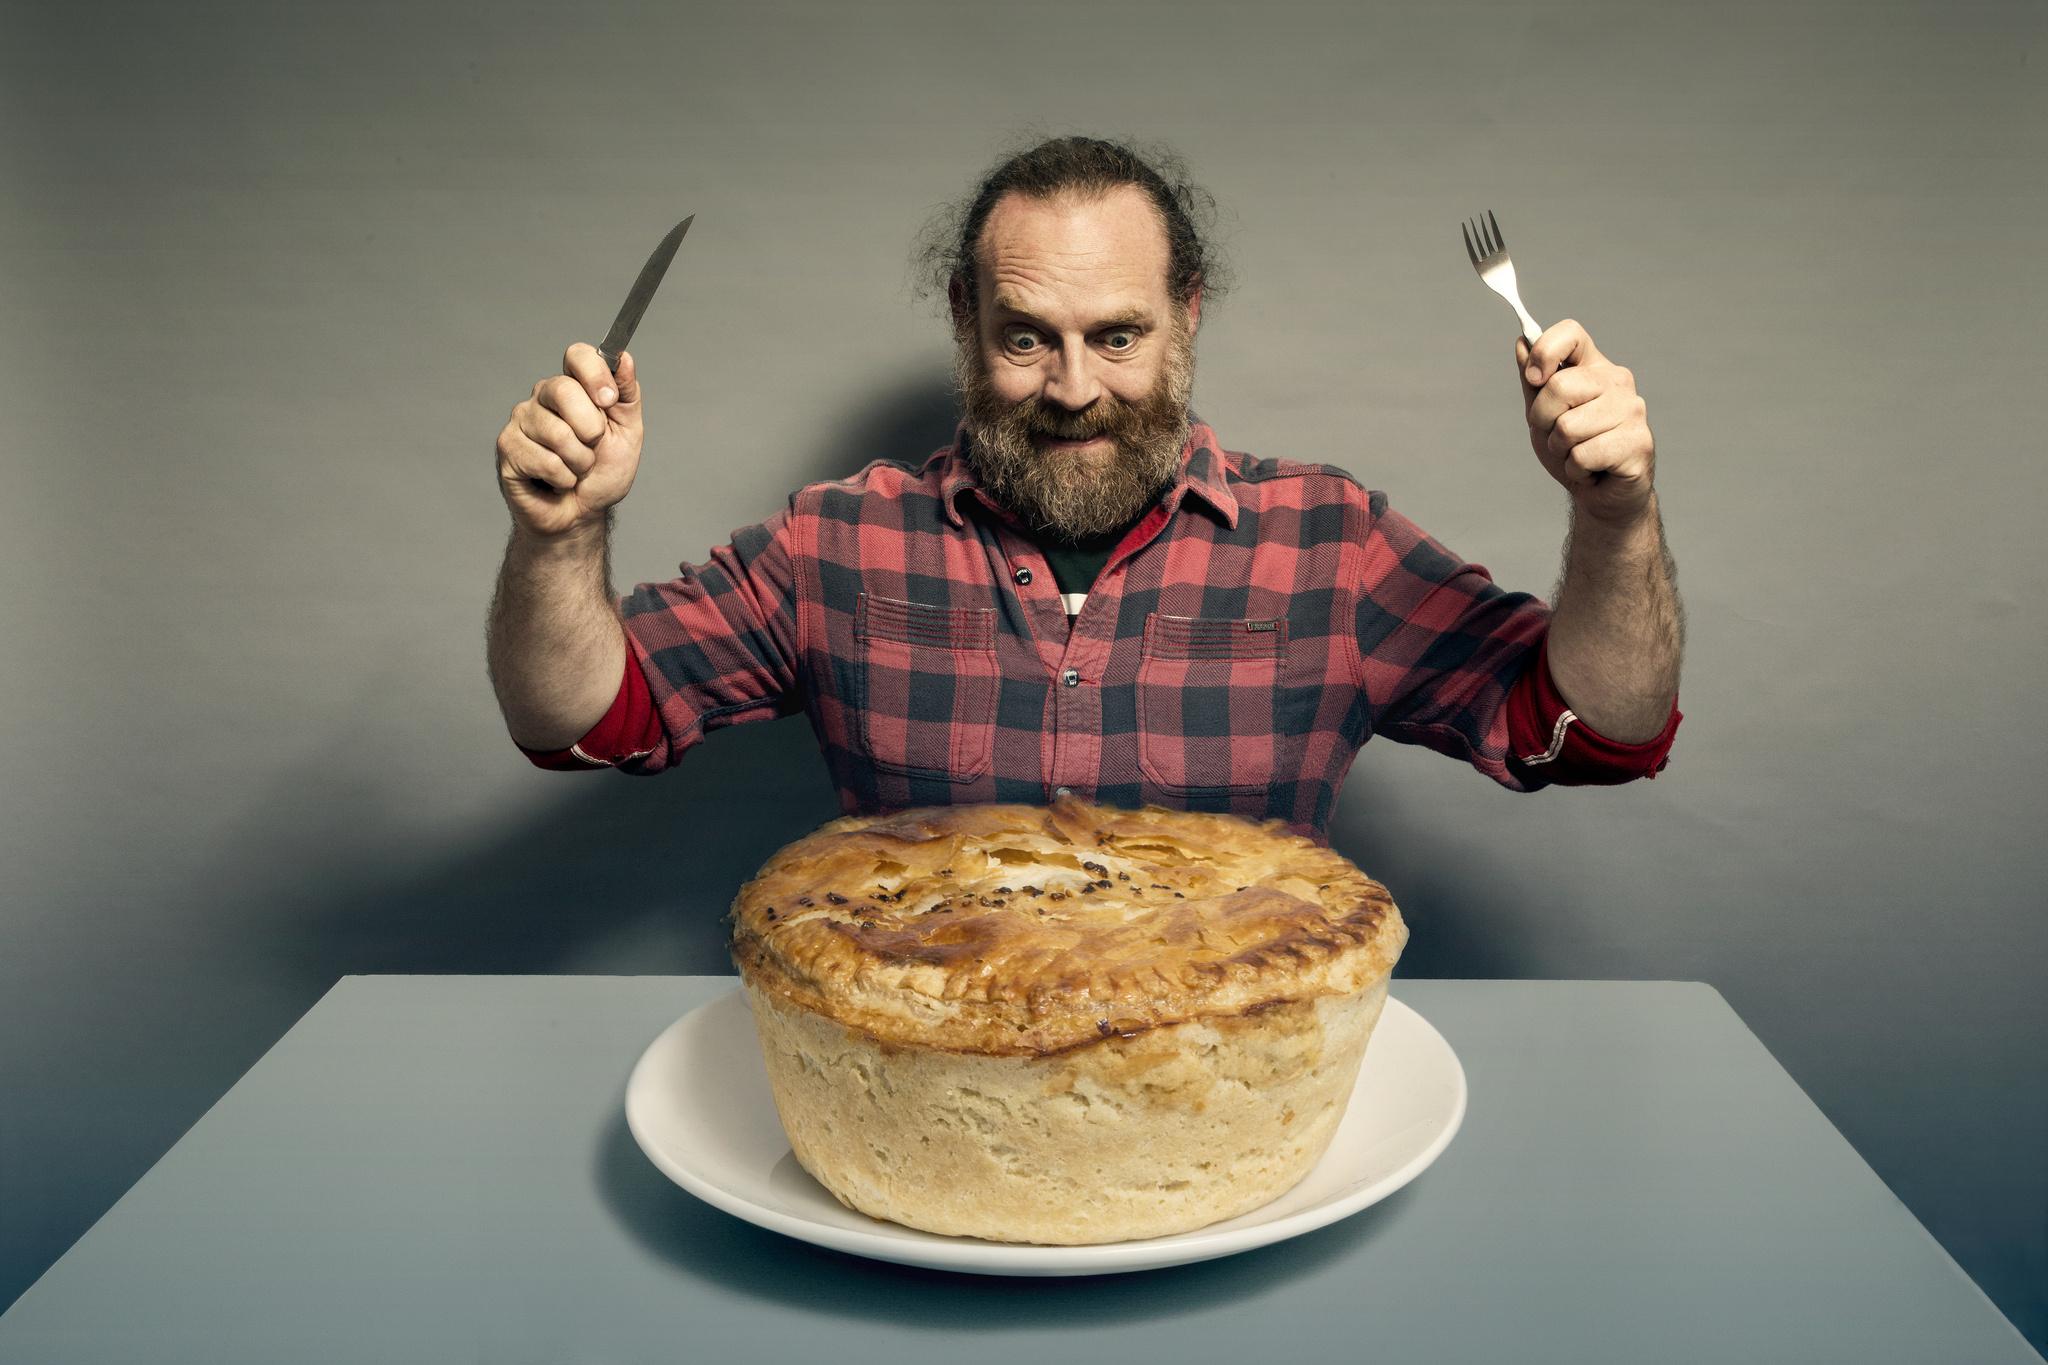 смешные картинки пирога фотопечатью просто